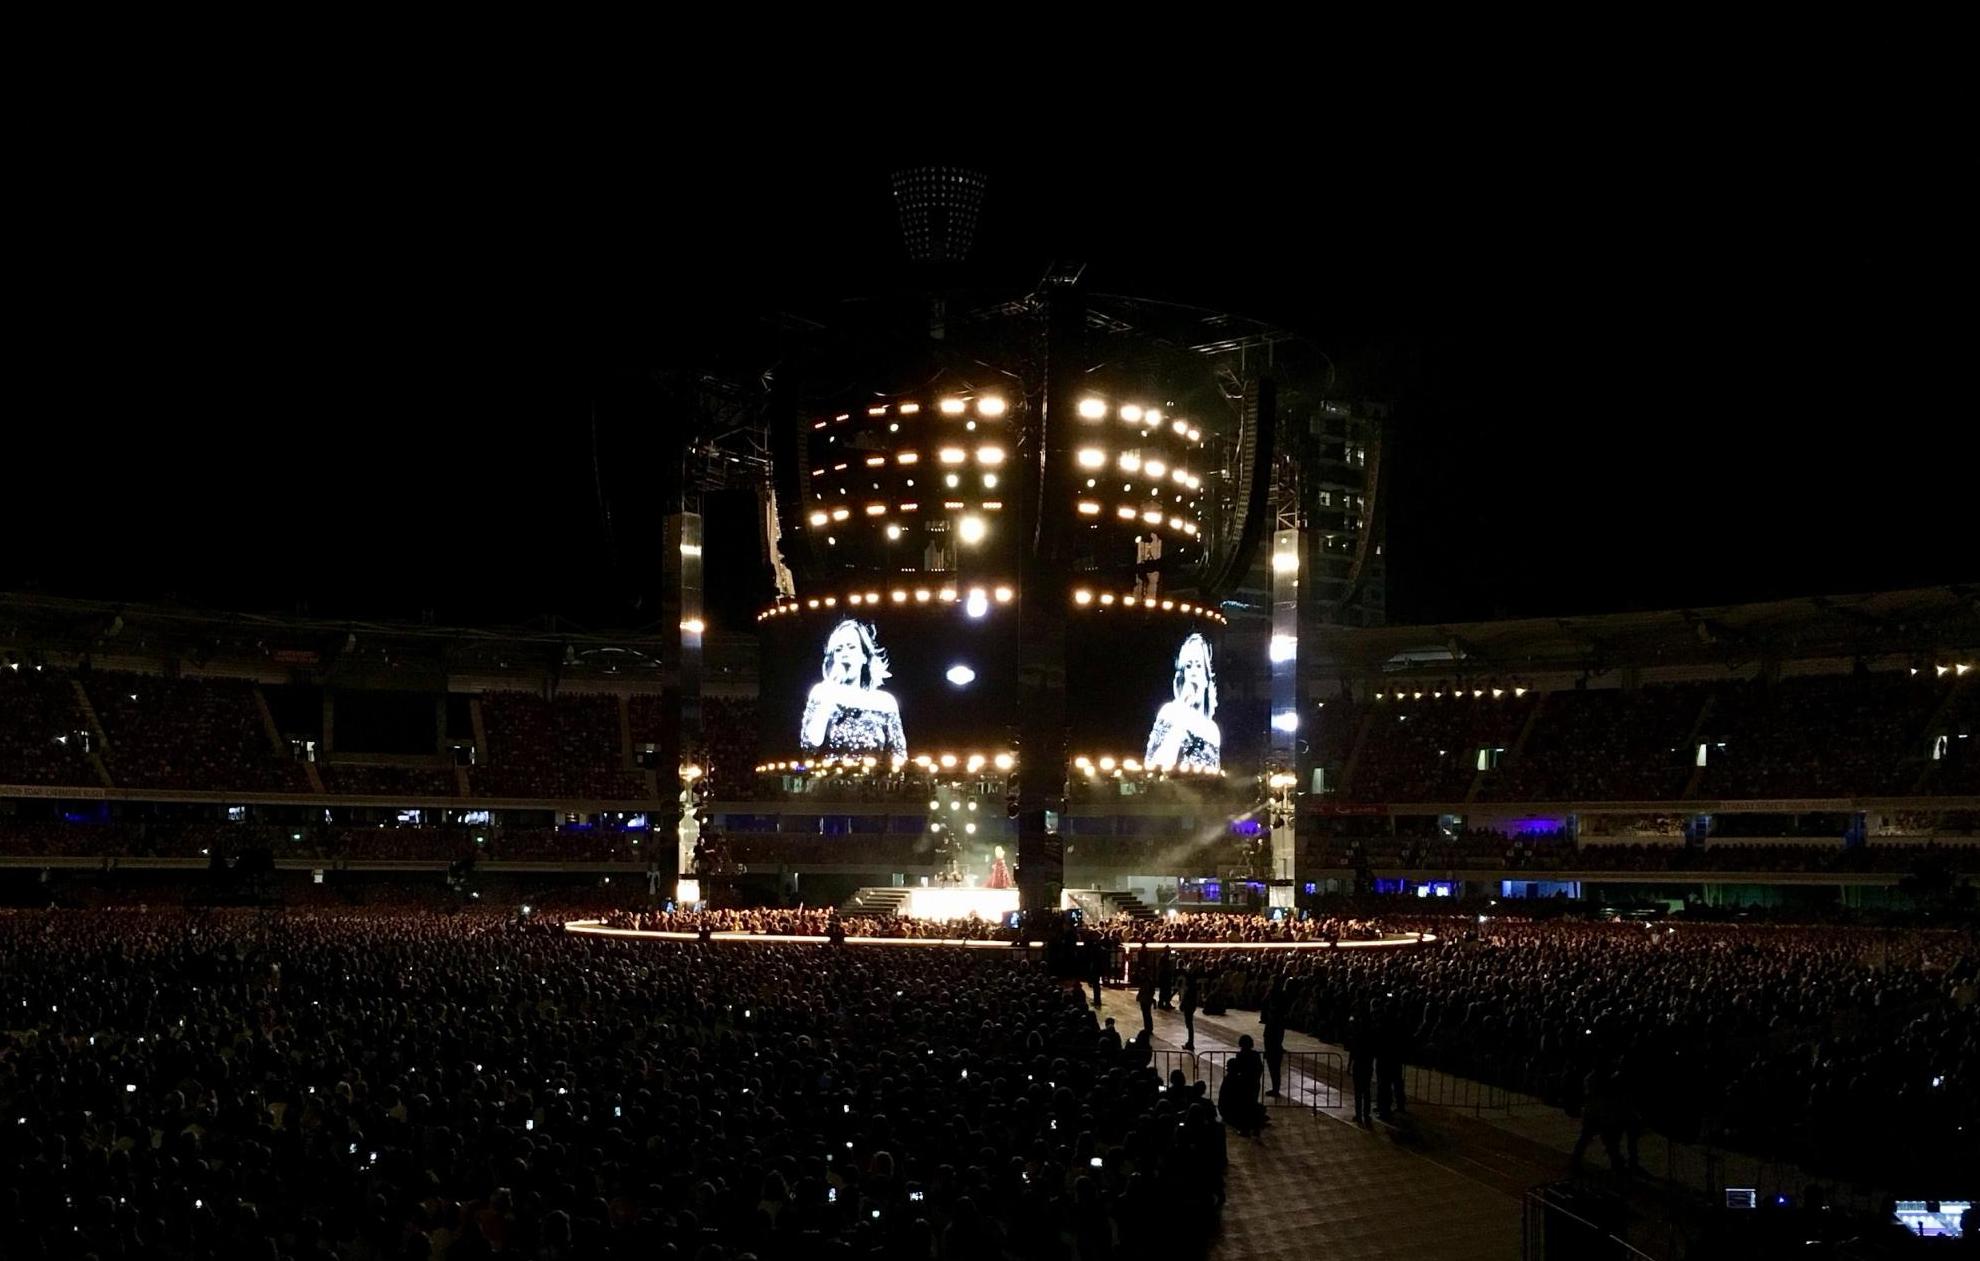 Det kommer ofte store artister på turné i Australia, så vi fikk med oss både Coldplay og Adele da vi var der